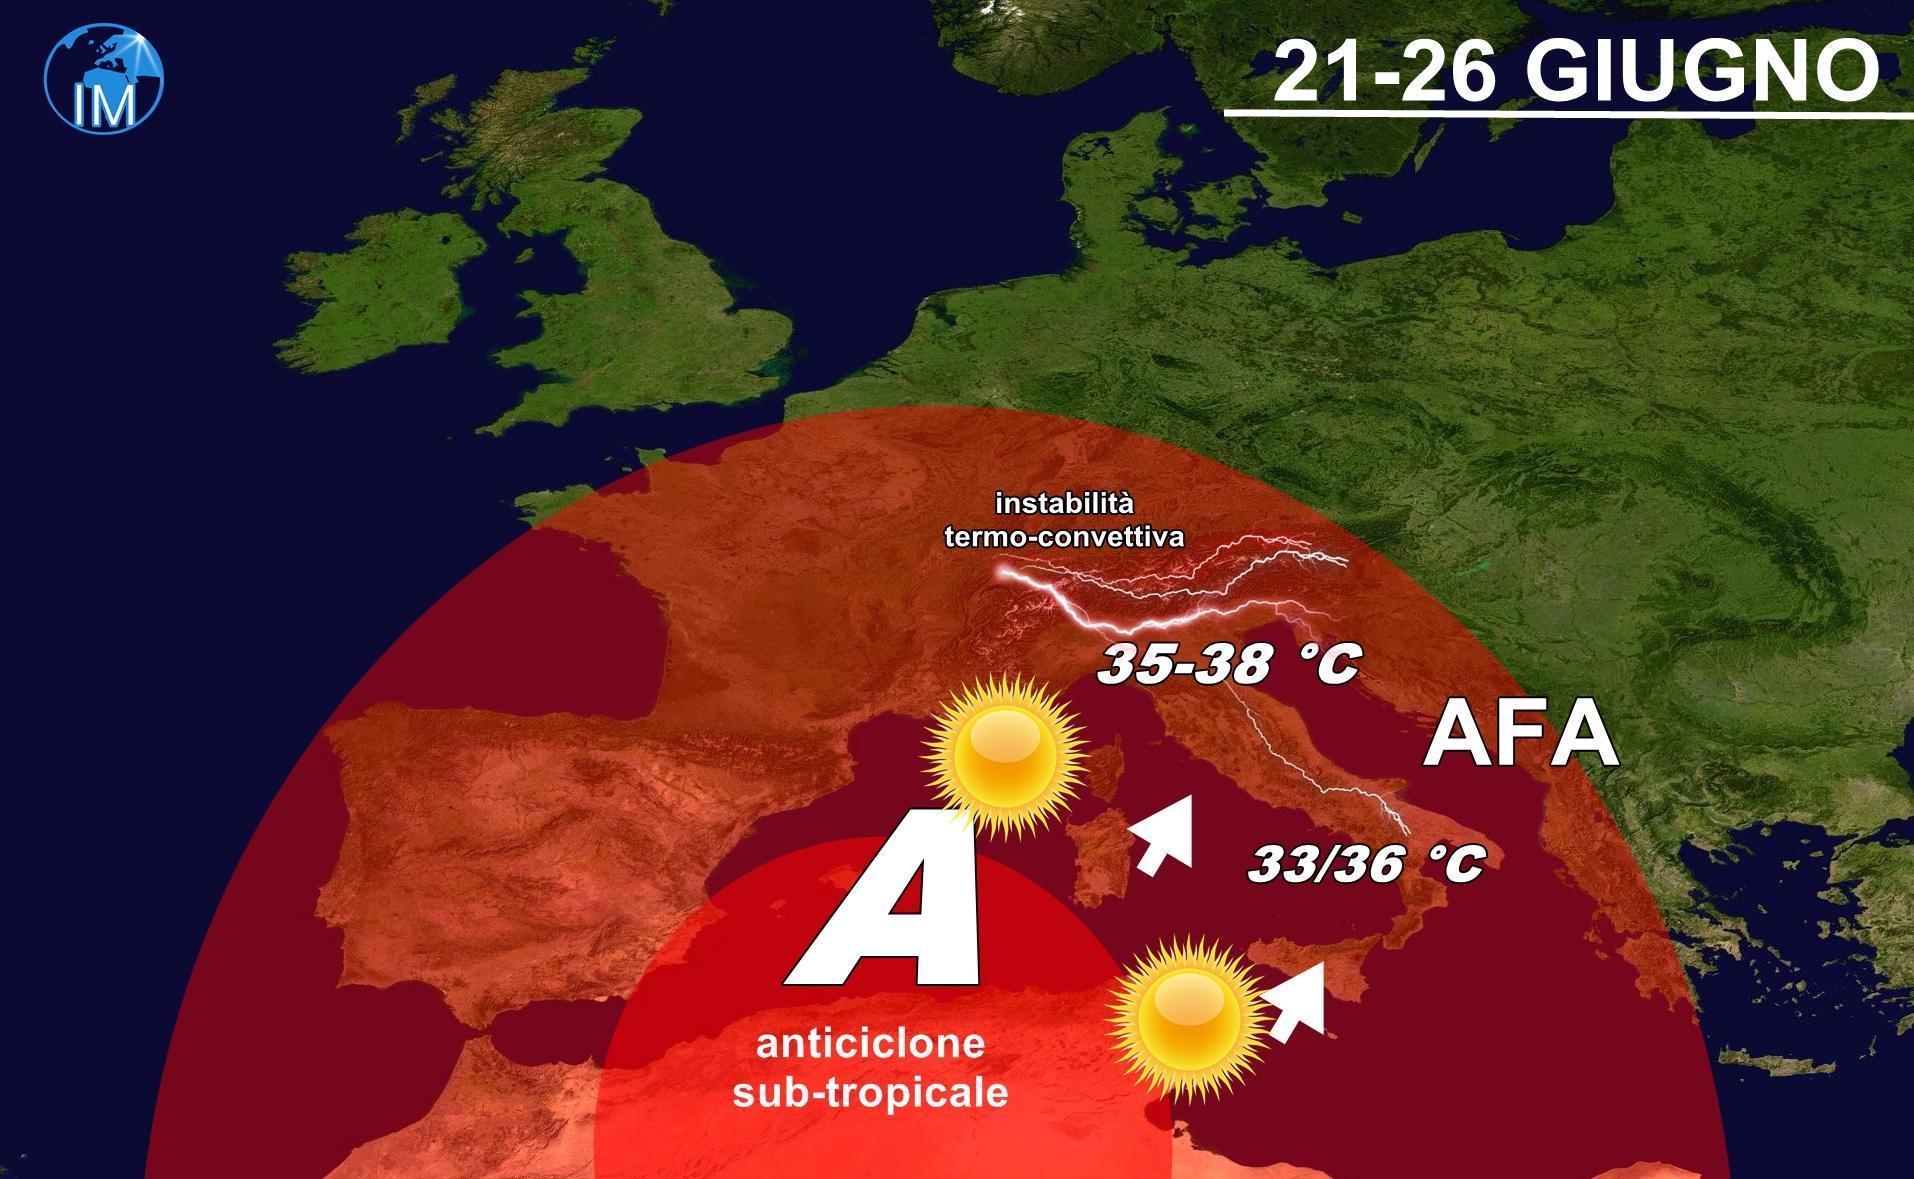 Previsioni meteo, caldo africano in arrivo: afa da mercoledì